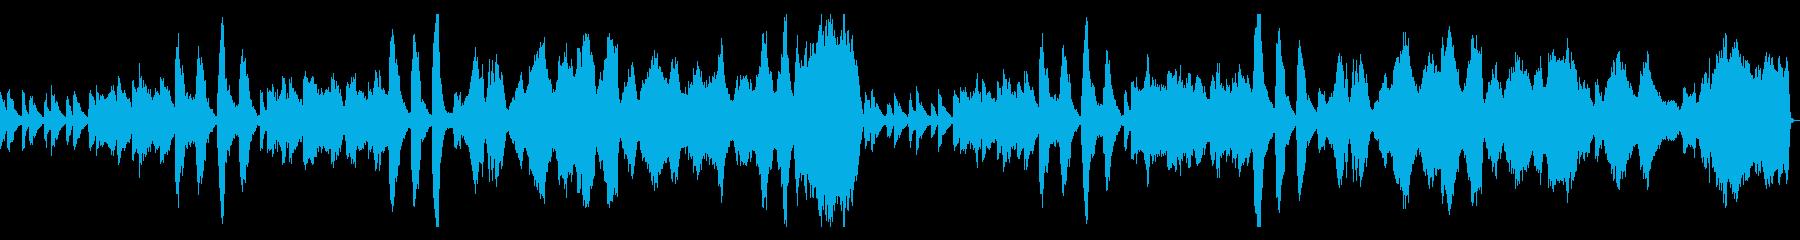 切ないような不思議な曲の再生済みの波形